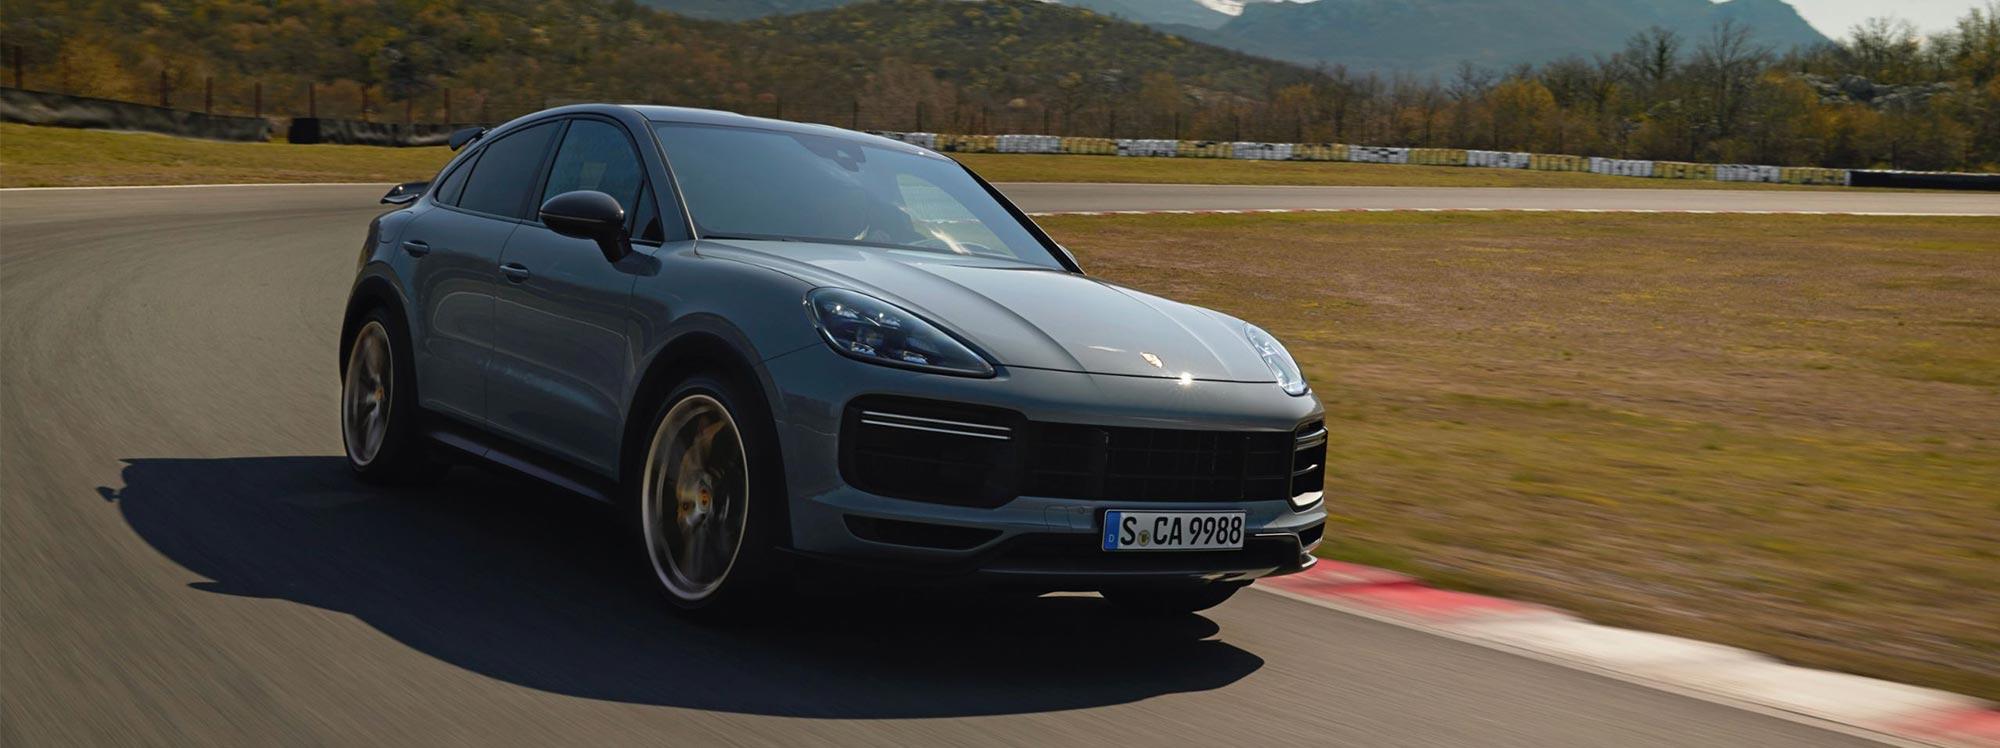 Experiencia deportiva de Porsche: el Cayenne Turbo GT